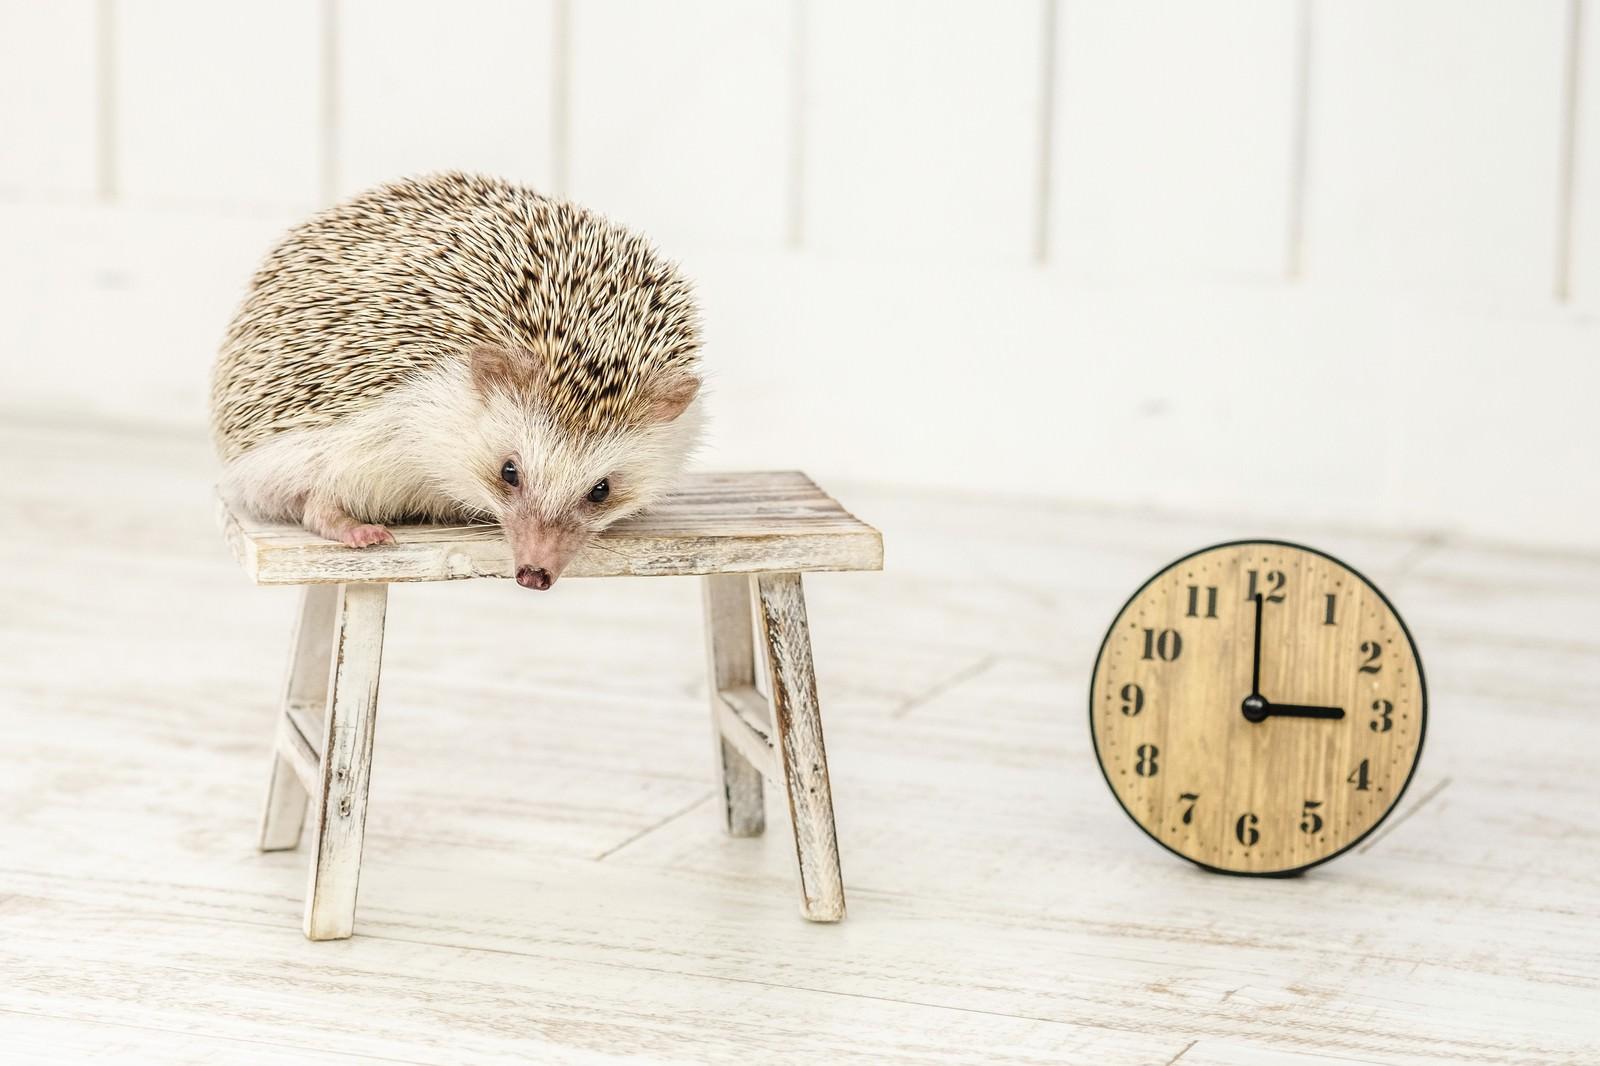 「午後3時まで寝てもうた(ハリネズミ)午後3時まで寝てもうた(ハリネズミ)」のフリー写真素材を拡大